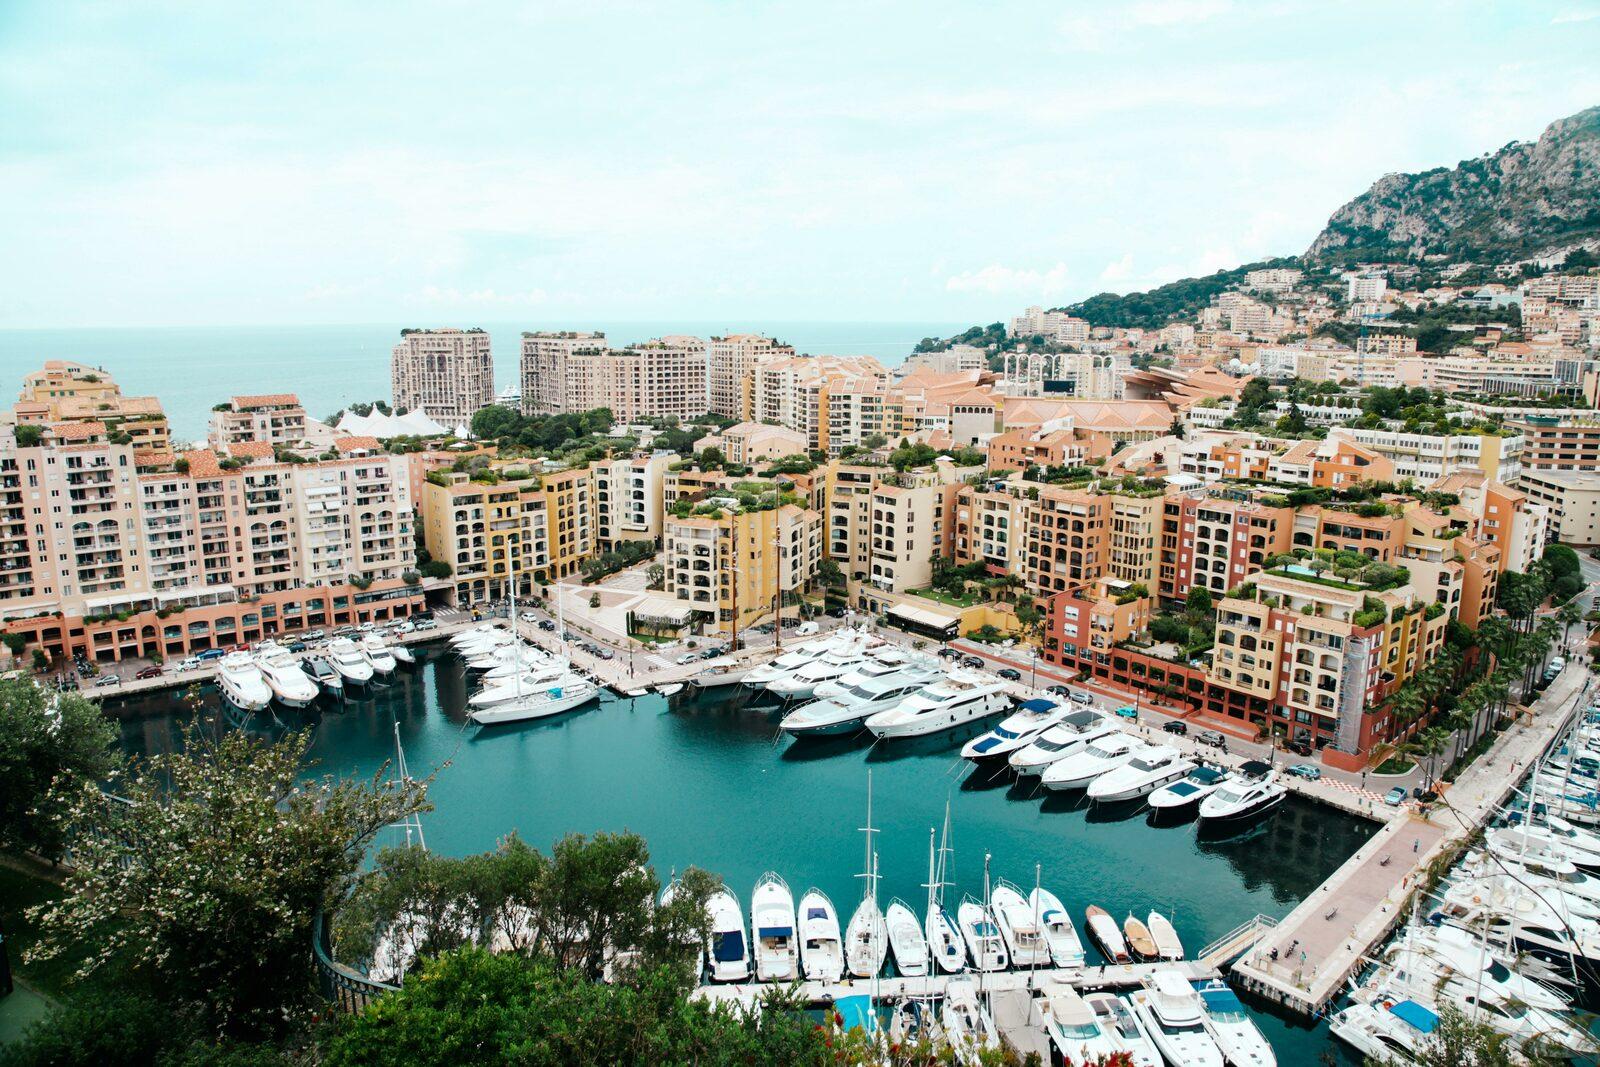 Vue sur le port de Monaco sur la Côte d'Azur